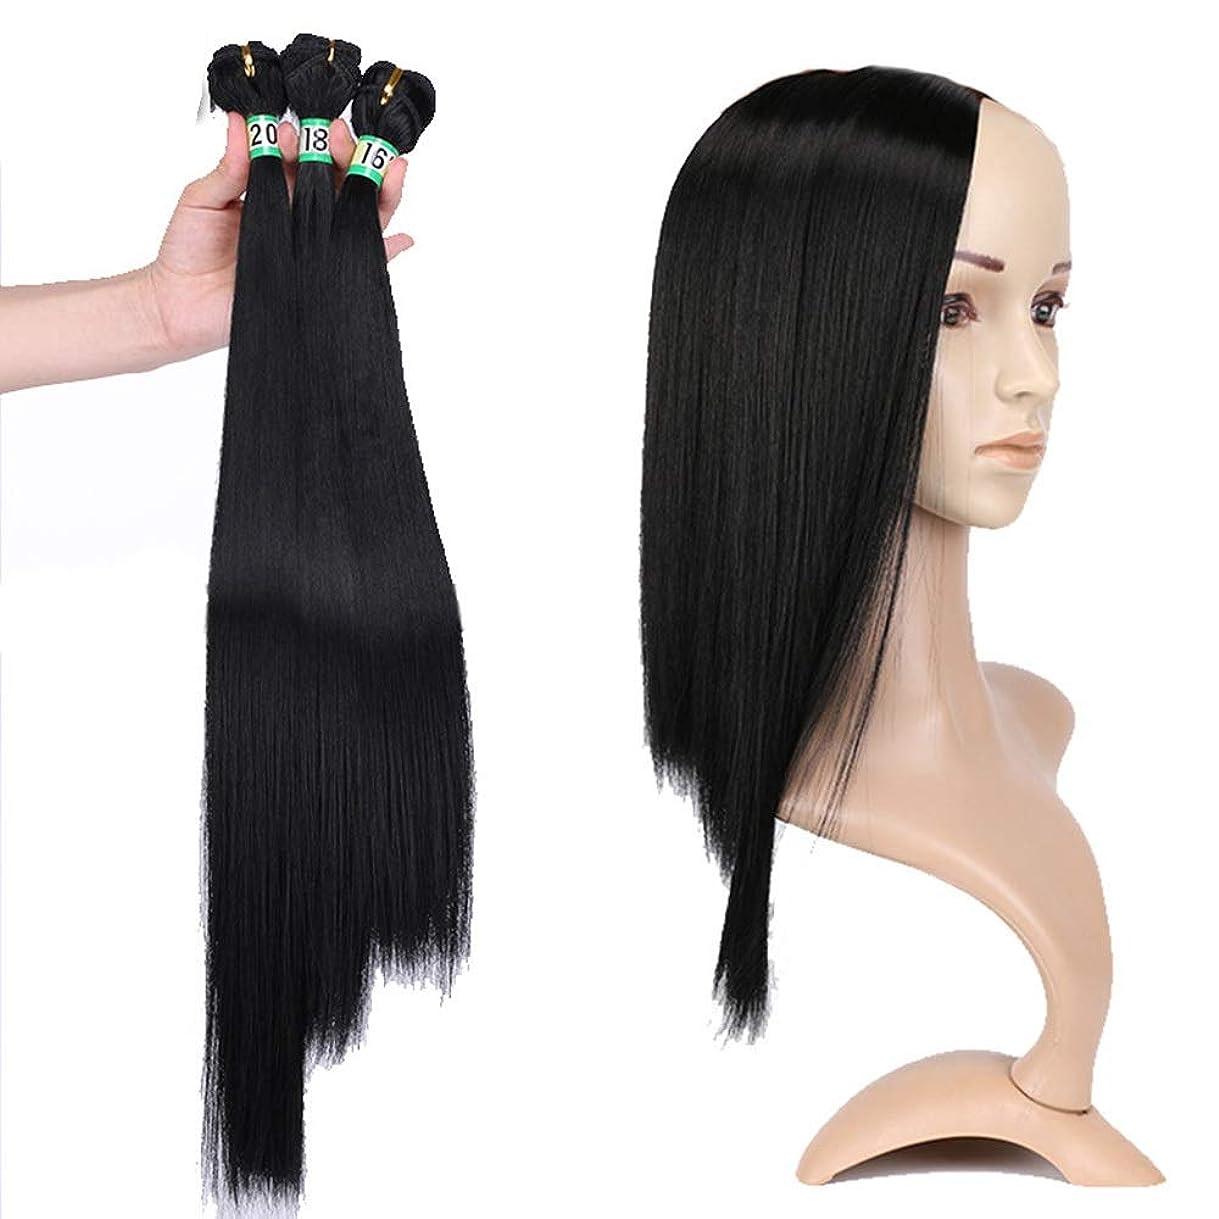 社説うがい薬固体HOHYLLYA 人工毛絹のようなストレートの髪織り3バンドル - 1Bナチュラルブラックヘアエクステンション(16